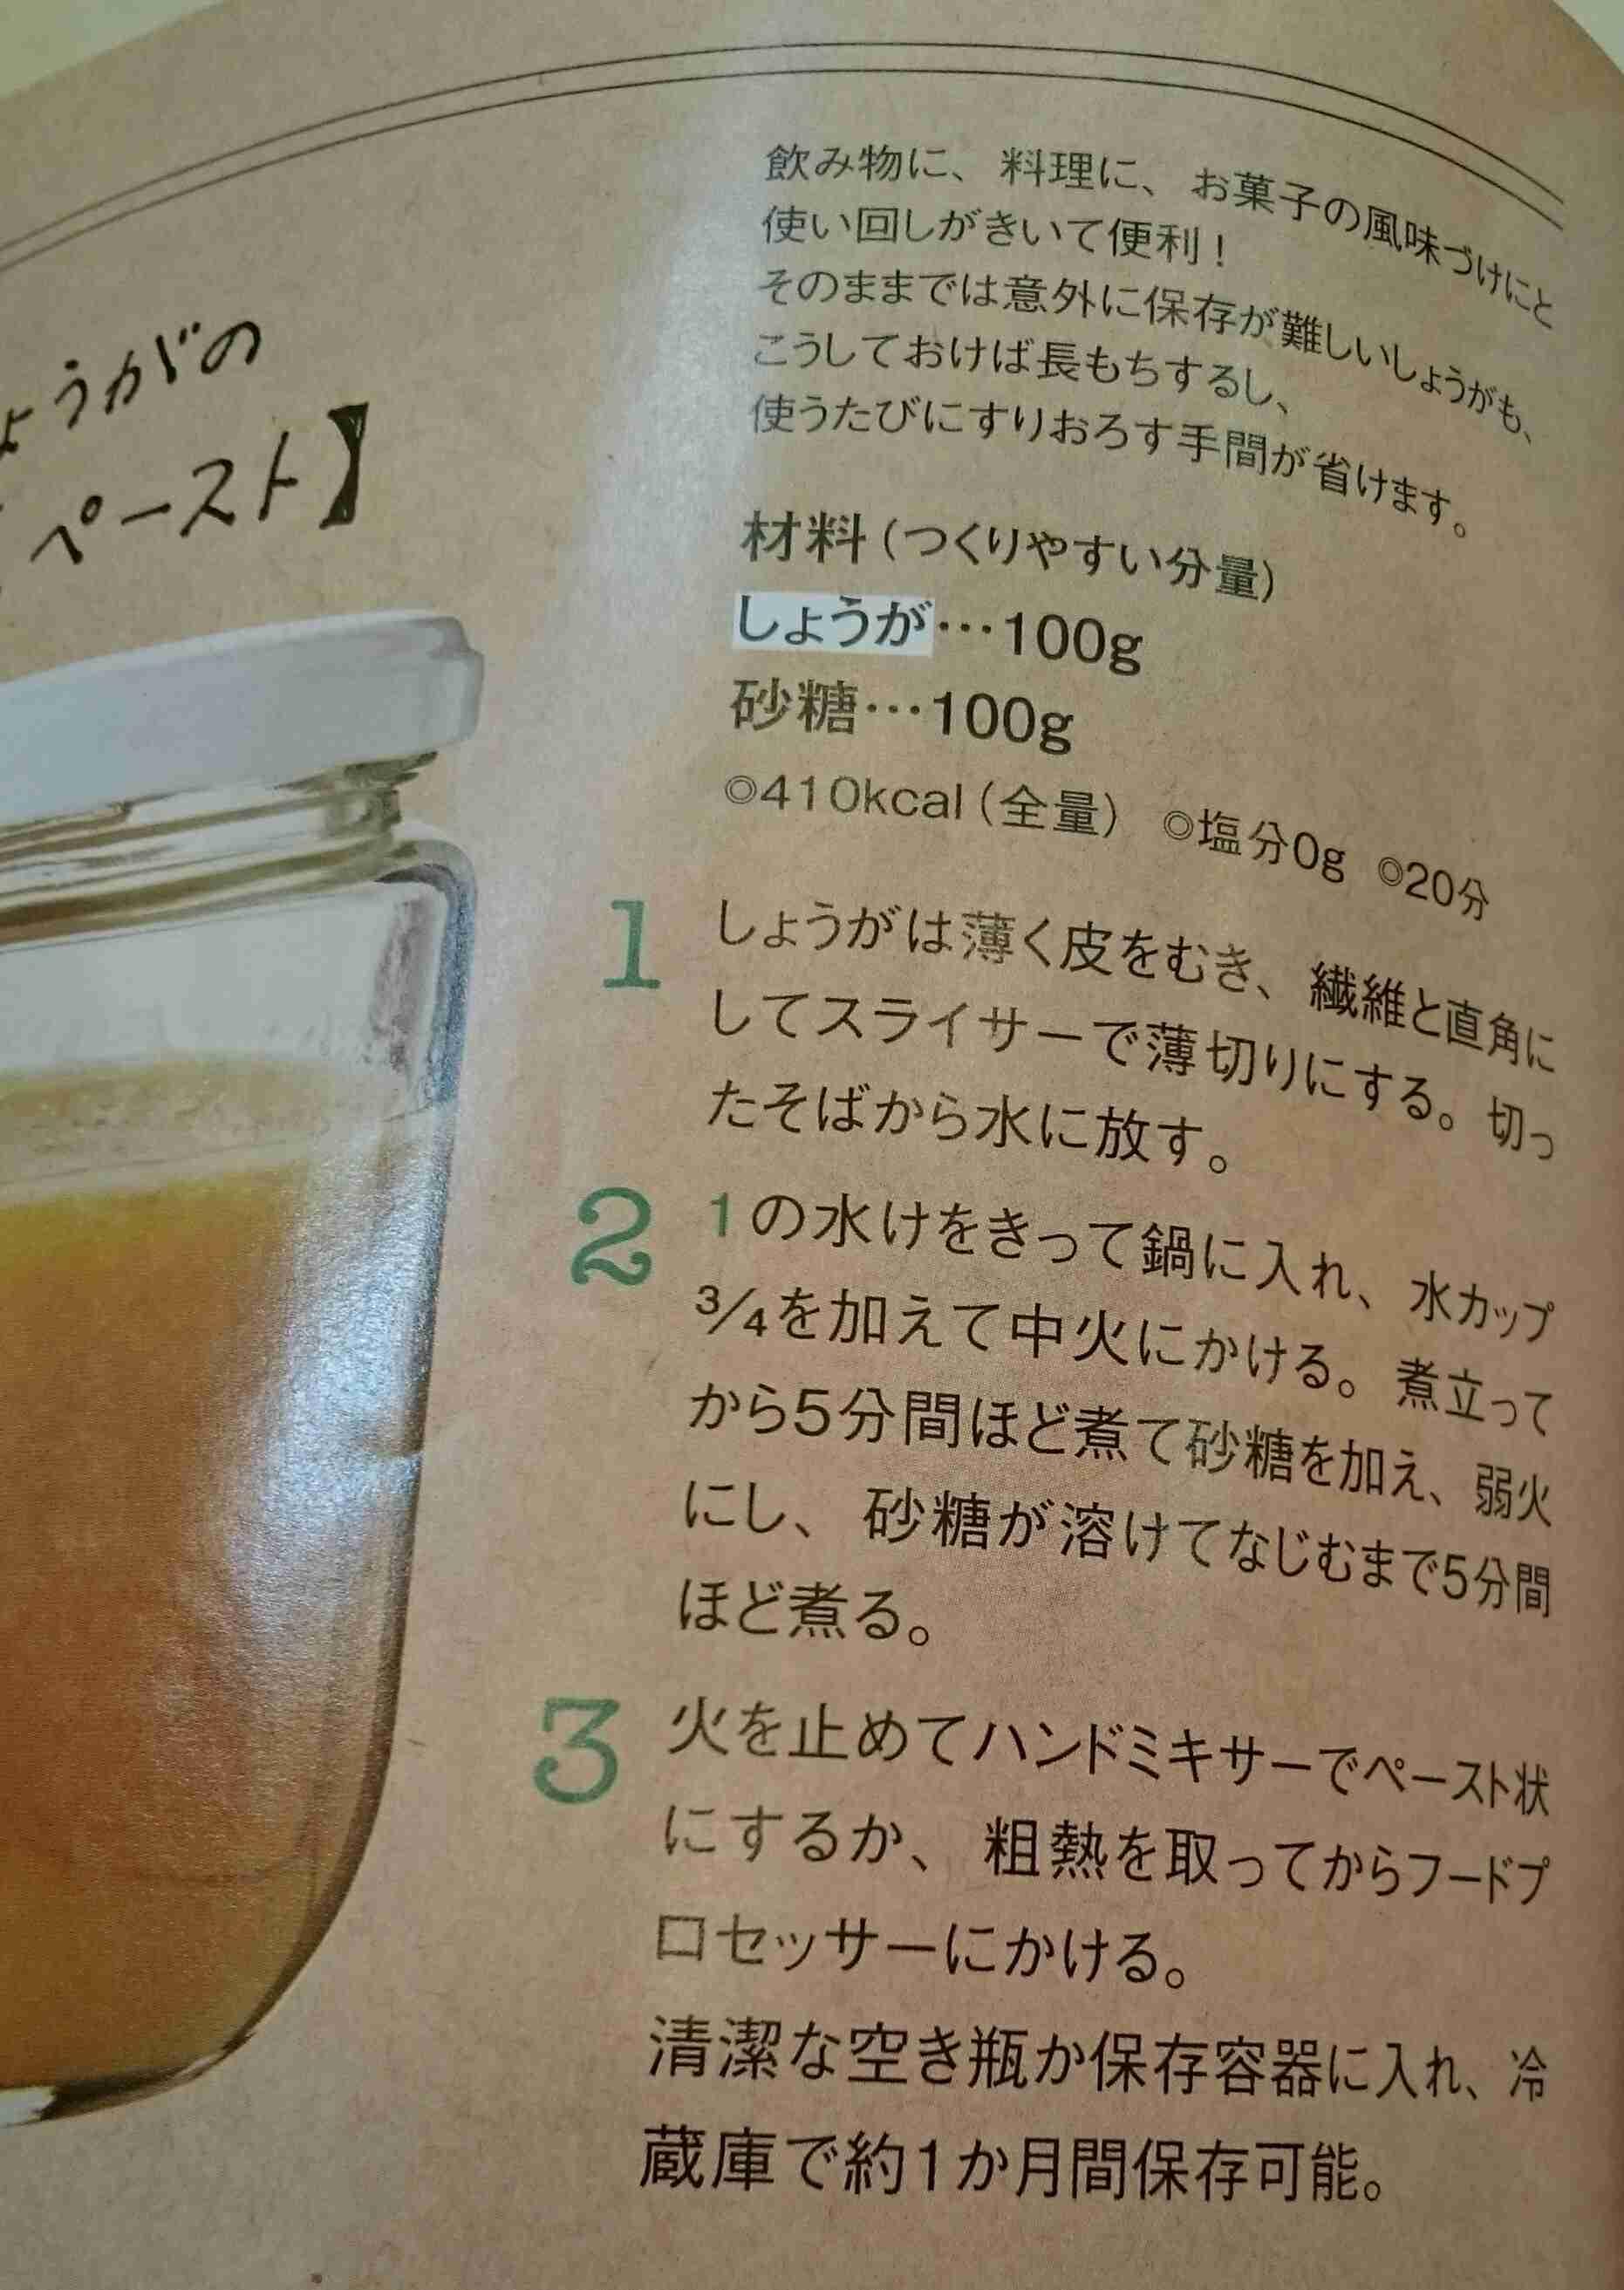 【タレ】手作りしてる調味料【ソース】